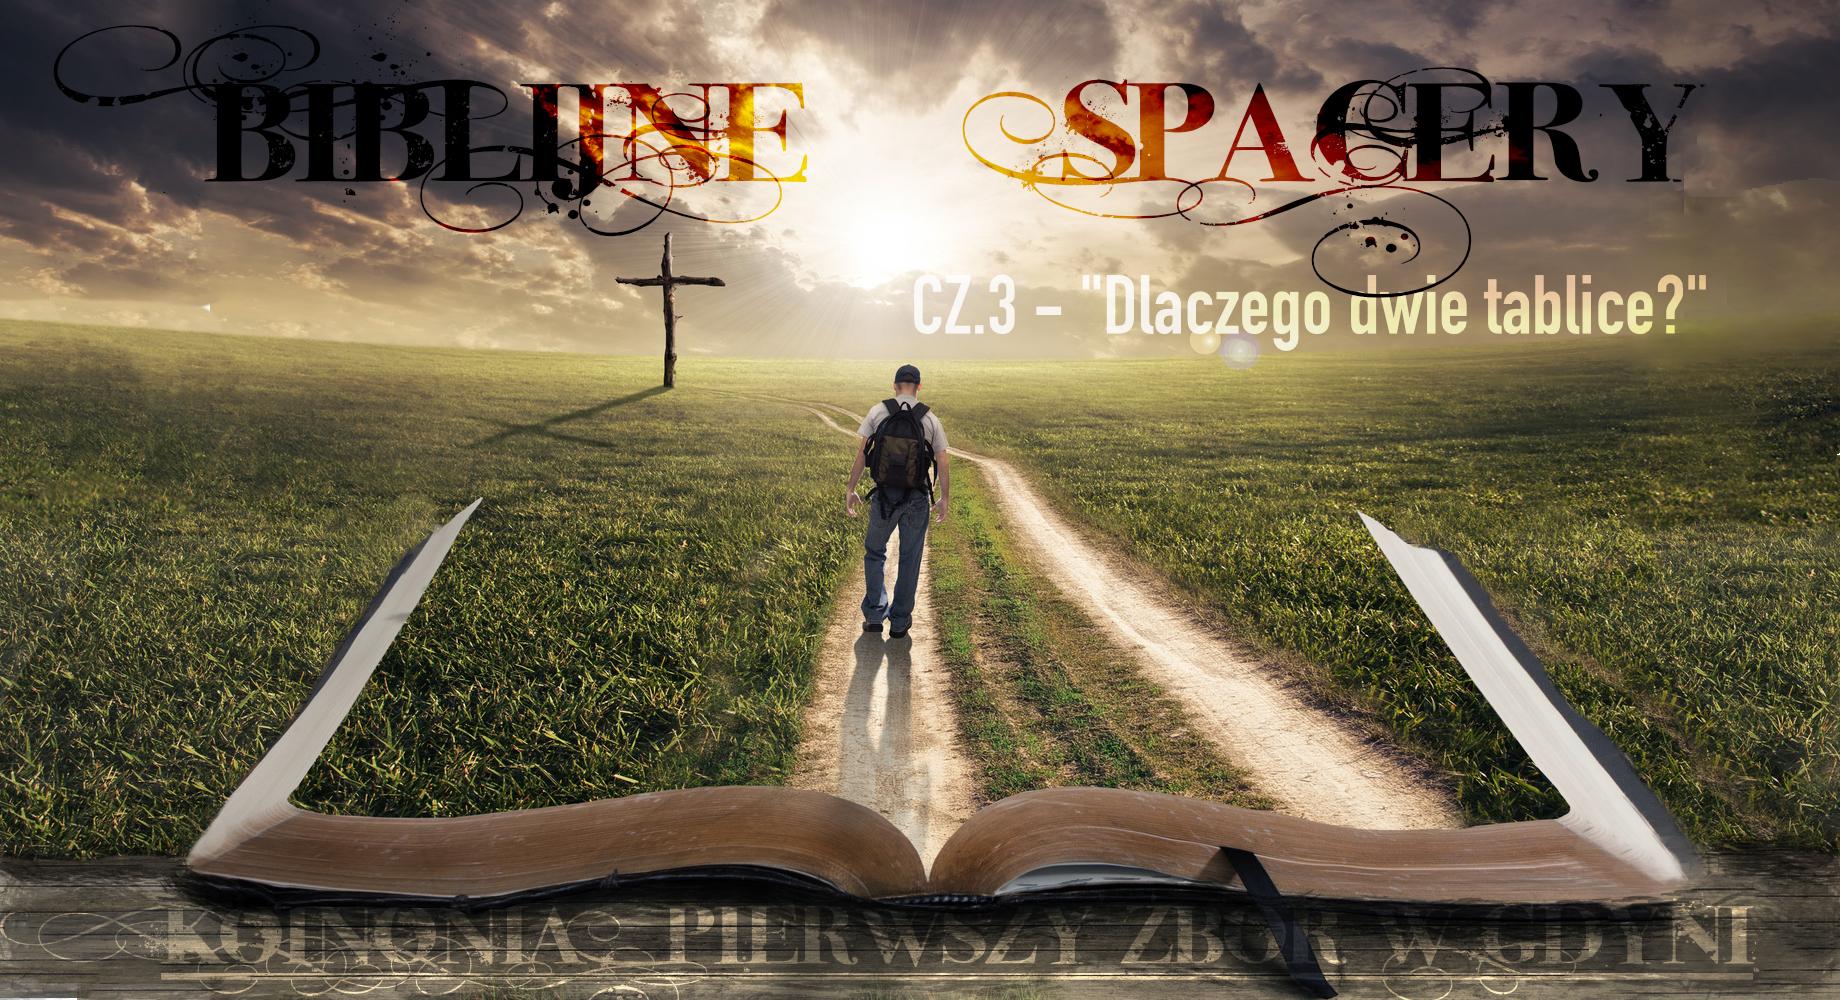 """Biblijne spacery cz.3 - """"Dlaczego dwie tablice"""""""